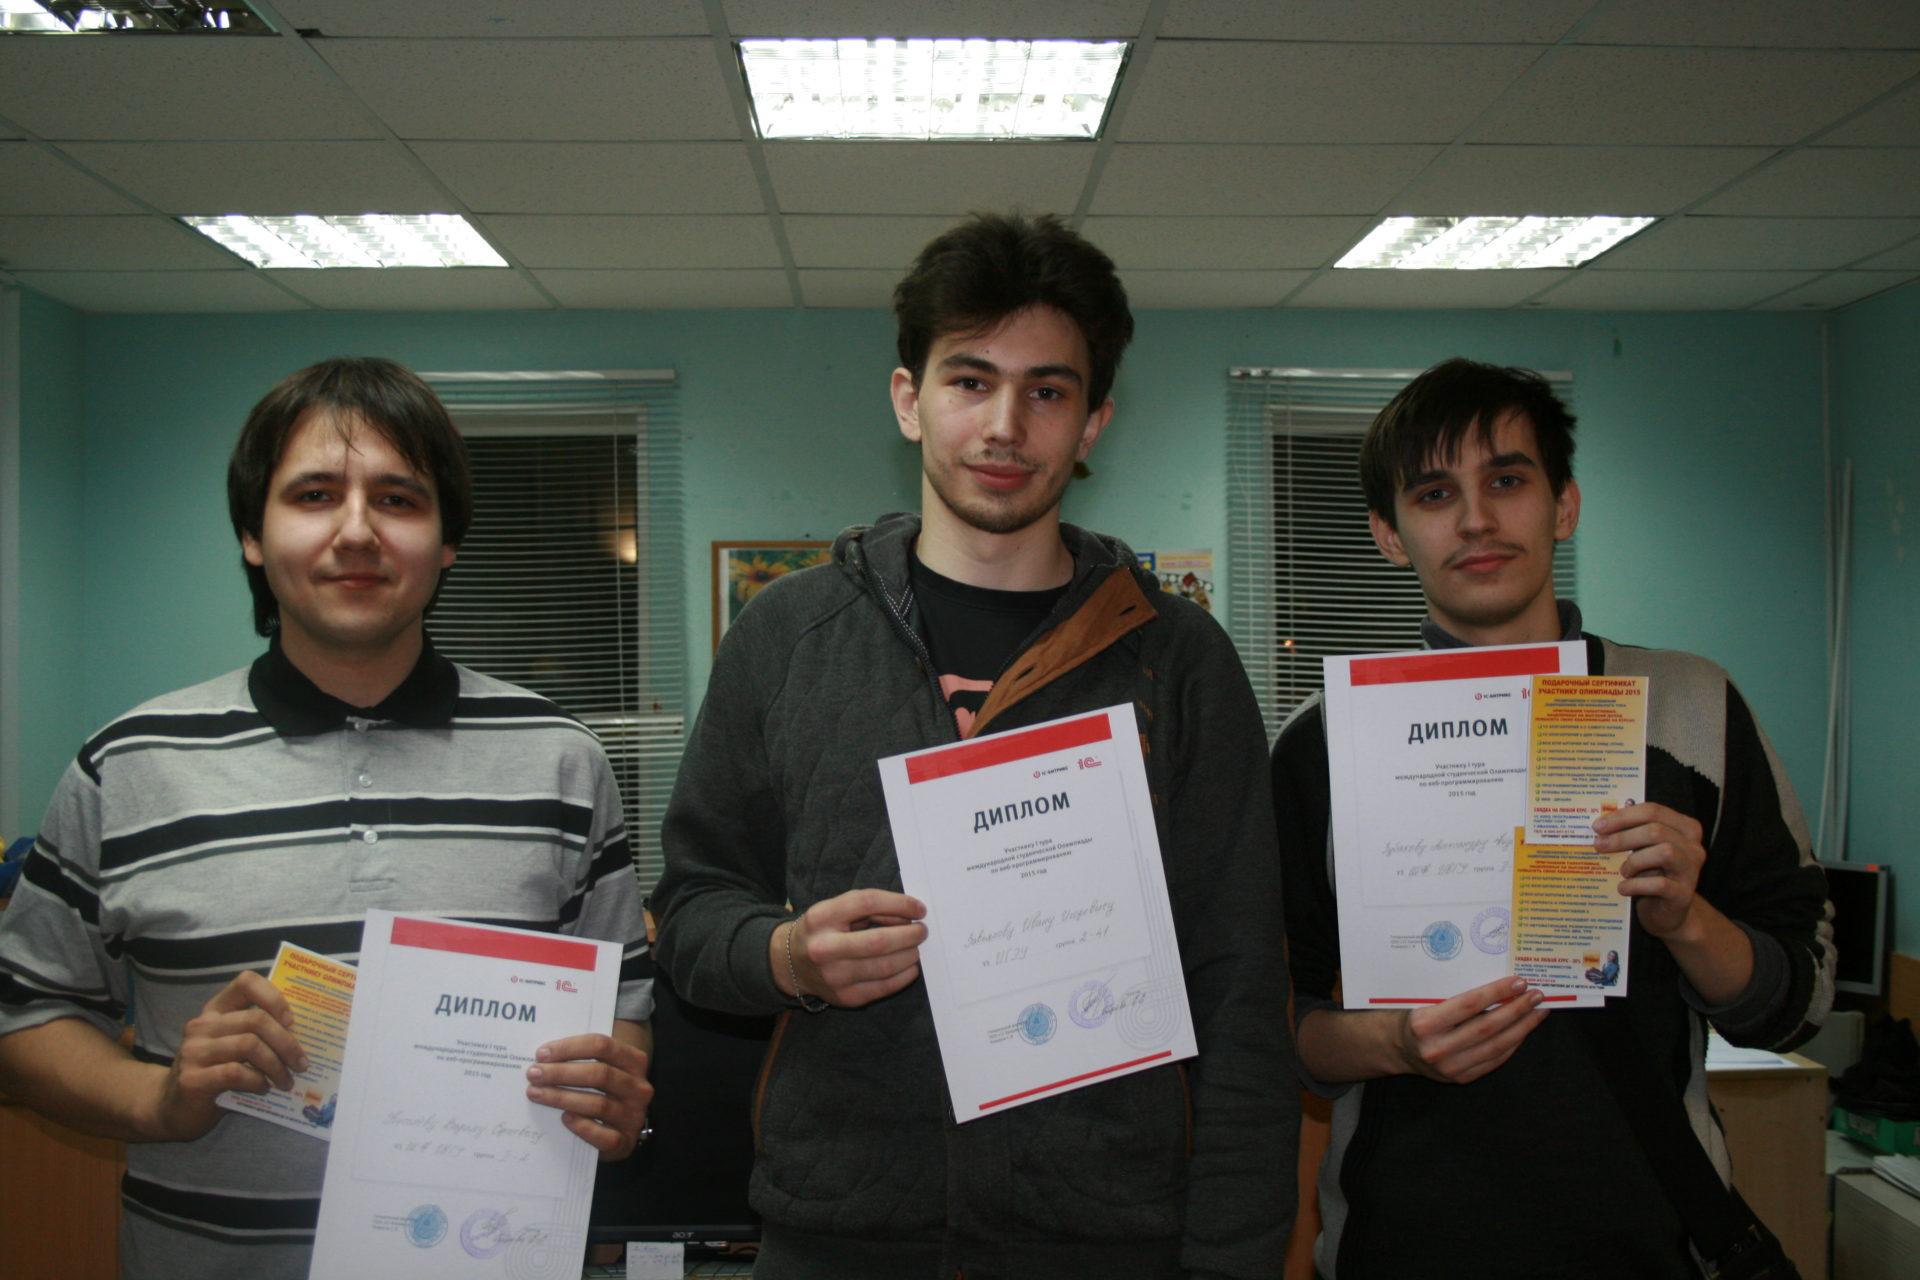 Наконец-то свершилось: Первый региональный тур Олимпиады по Web-программированию в Шуе!